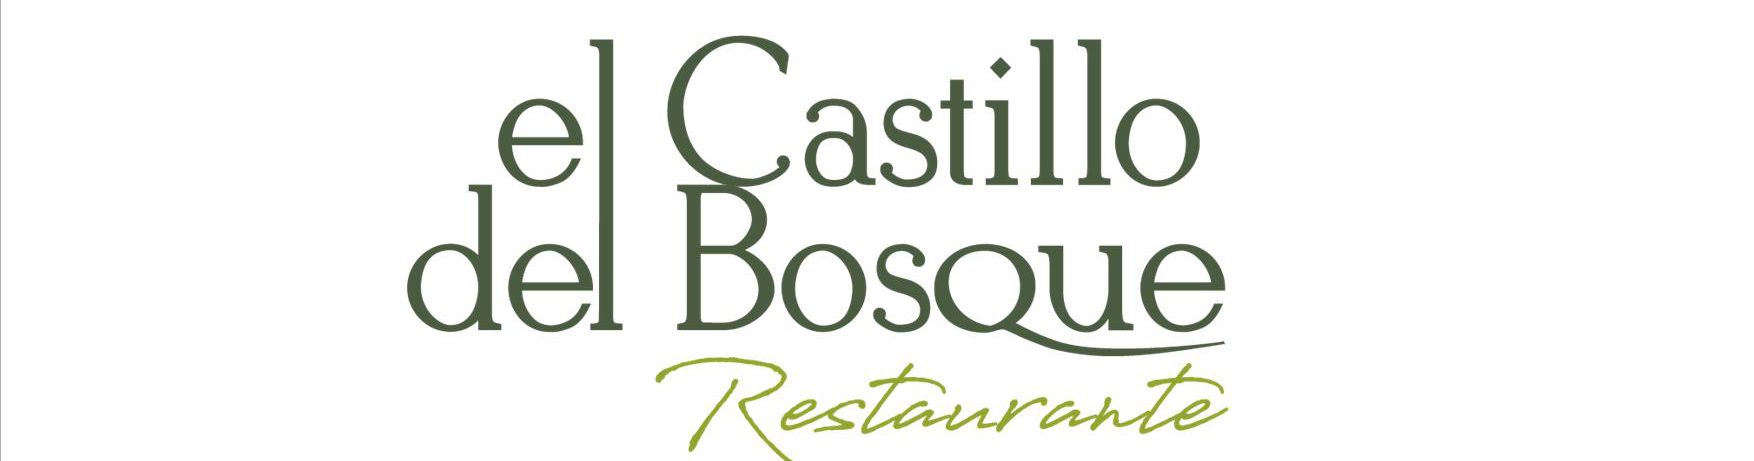 El Castillo del Bosque – restaurante